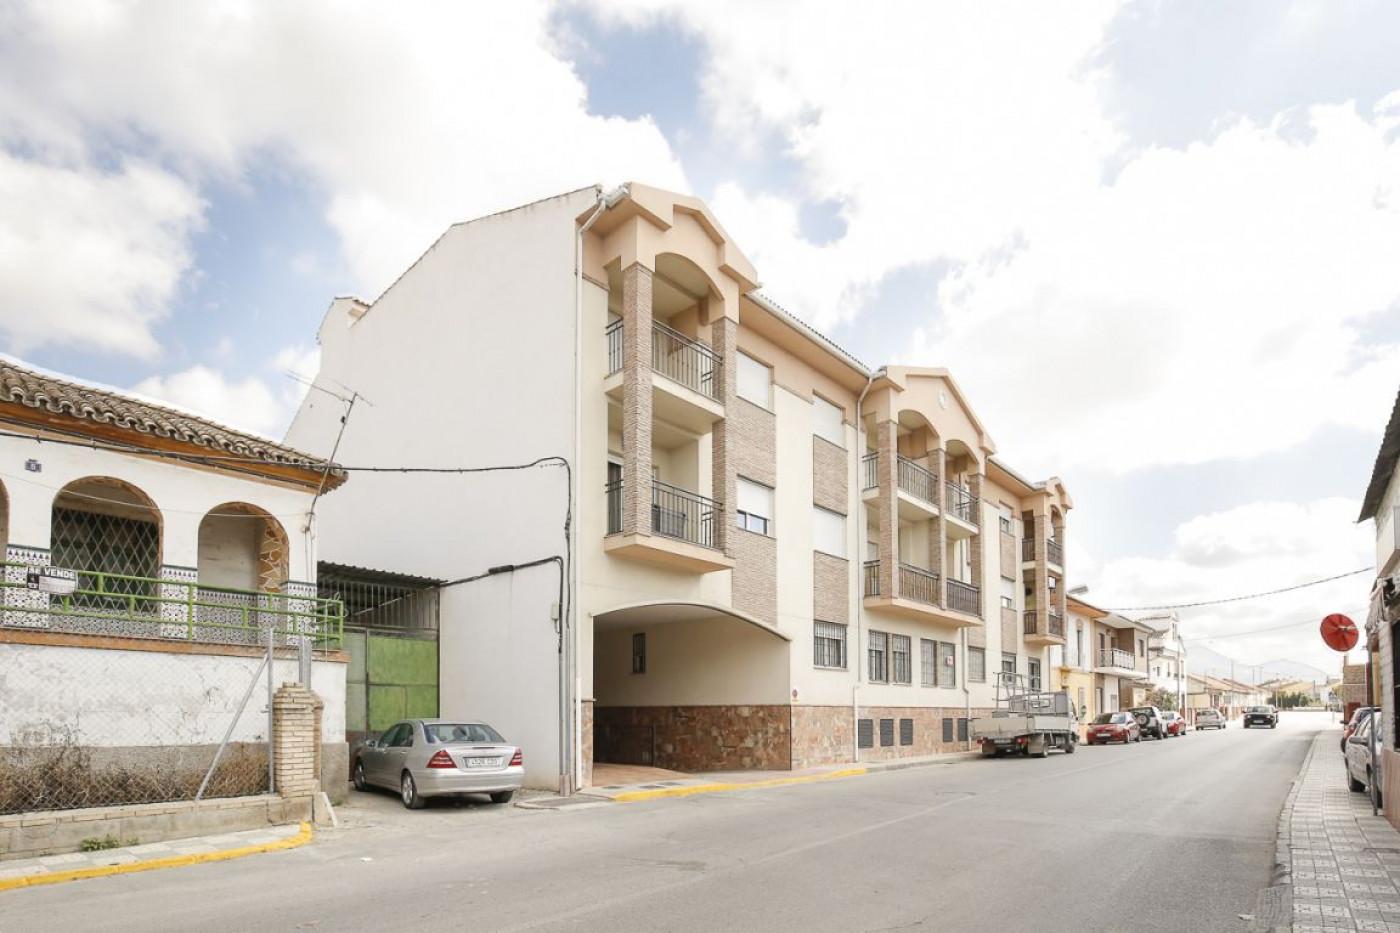 Estupendo piso de 2 dormitorios en el centro de Fuentevaqueros a estrenar. Ref: 1262, Granada